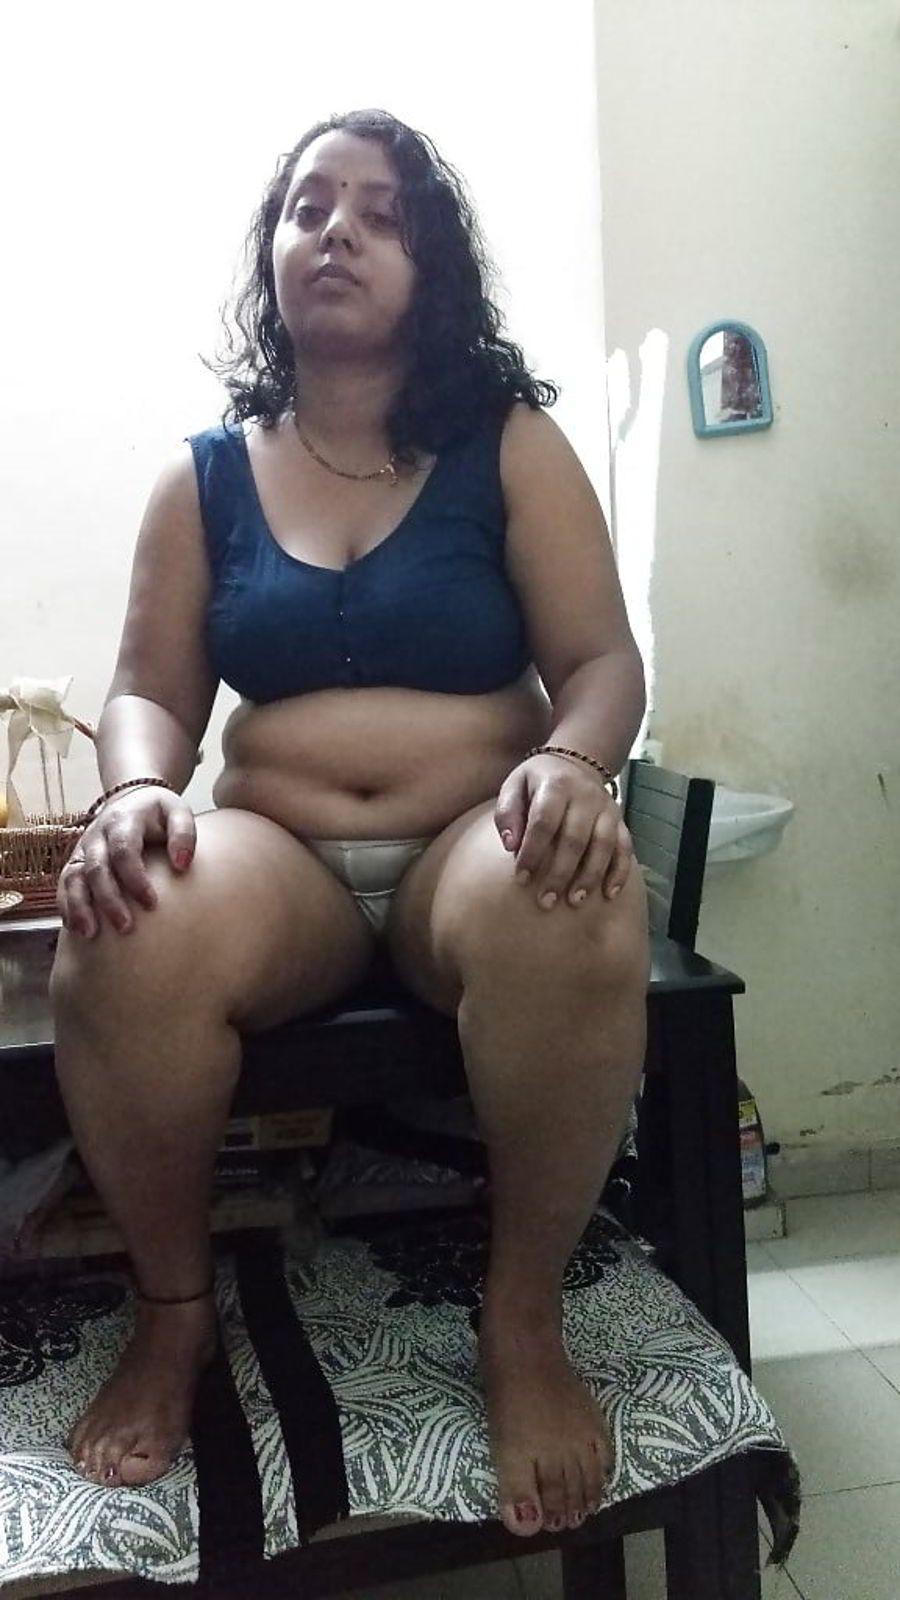 Boring. aunty nude saree desi was specially